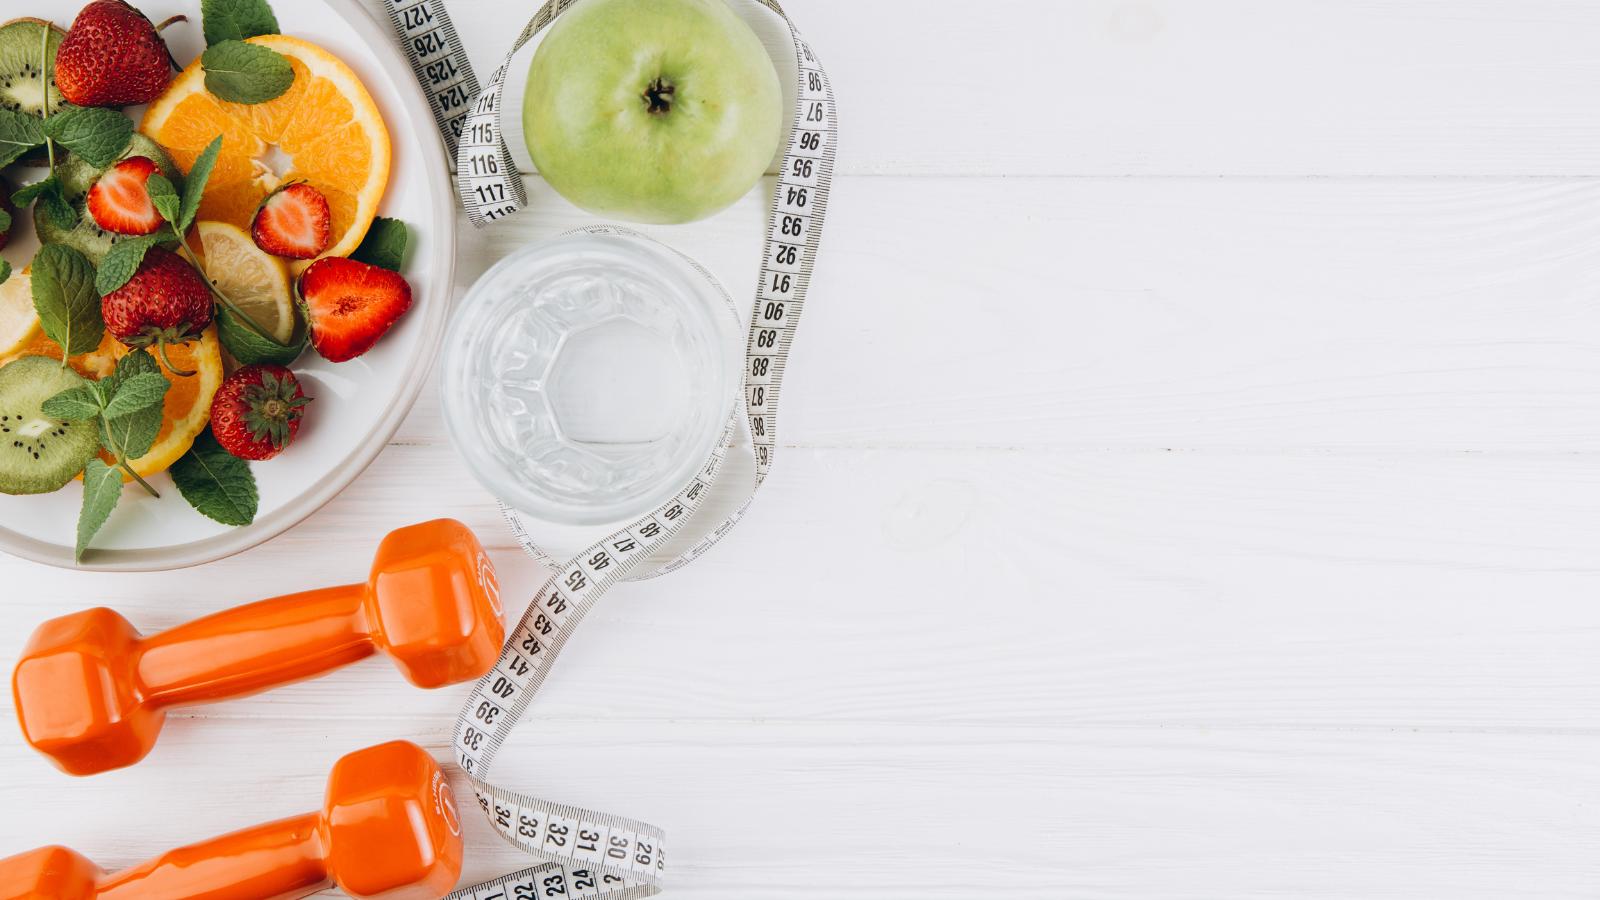 7 Practical Ways to Improve Your Diet